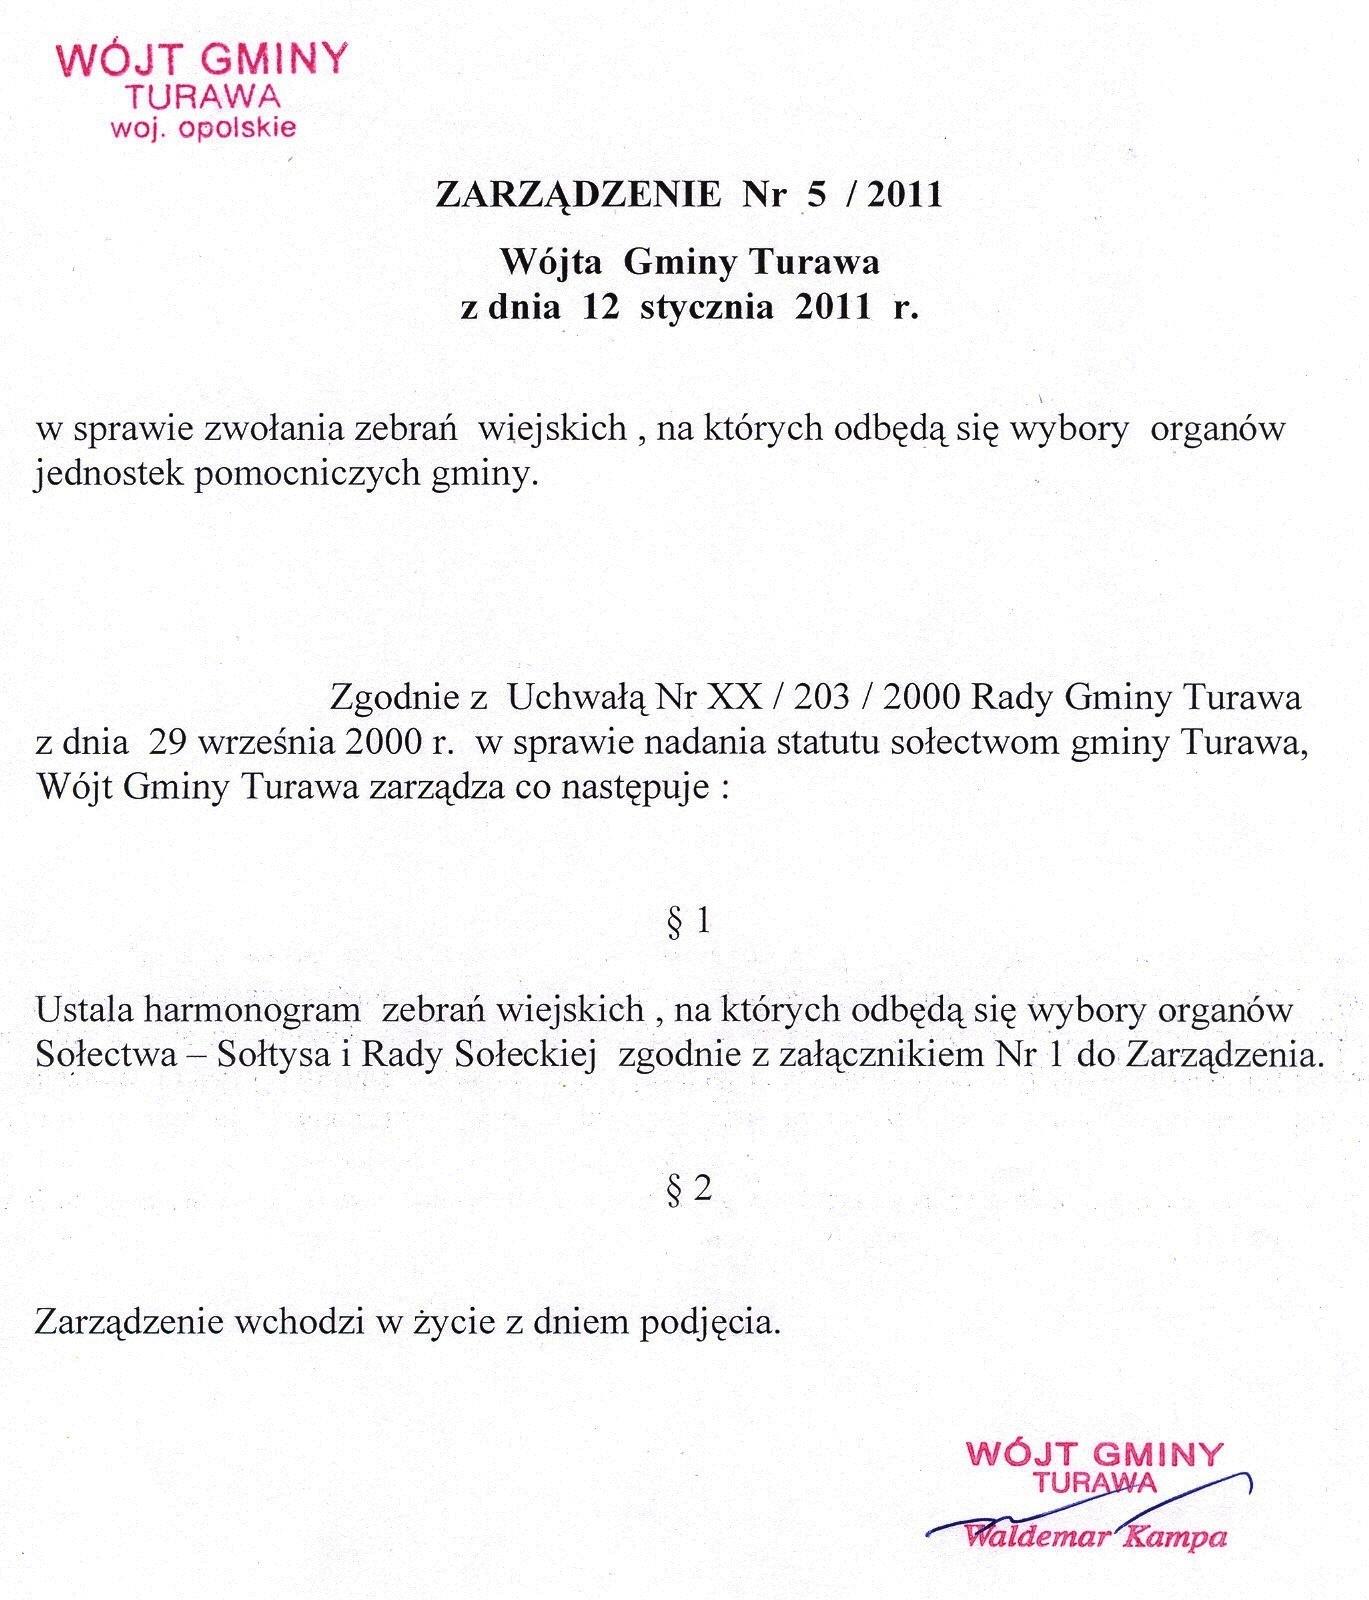 Zarządzenie Nr 5/2011